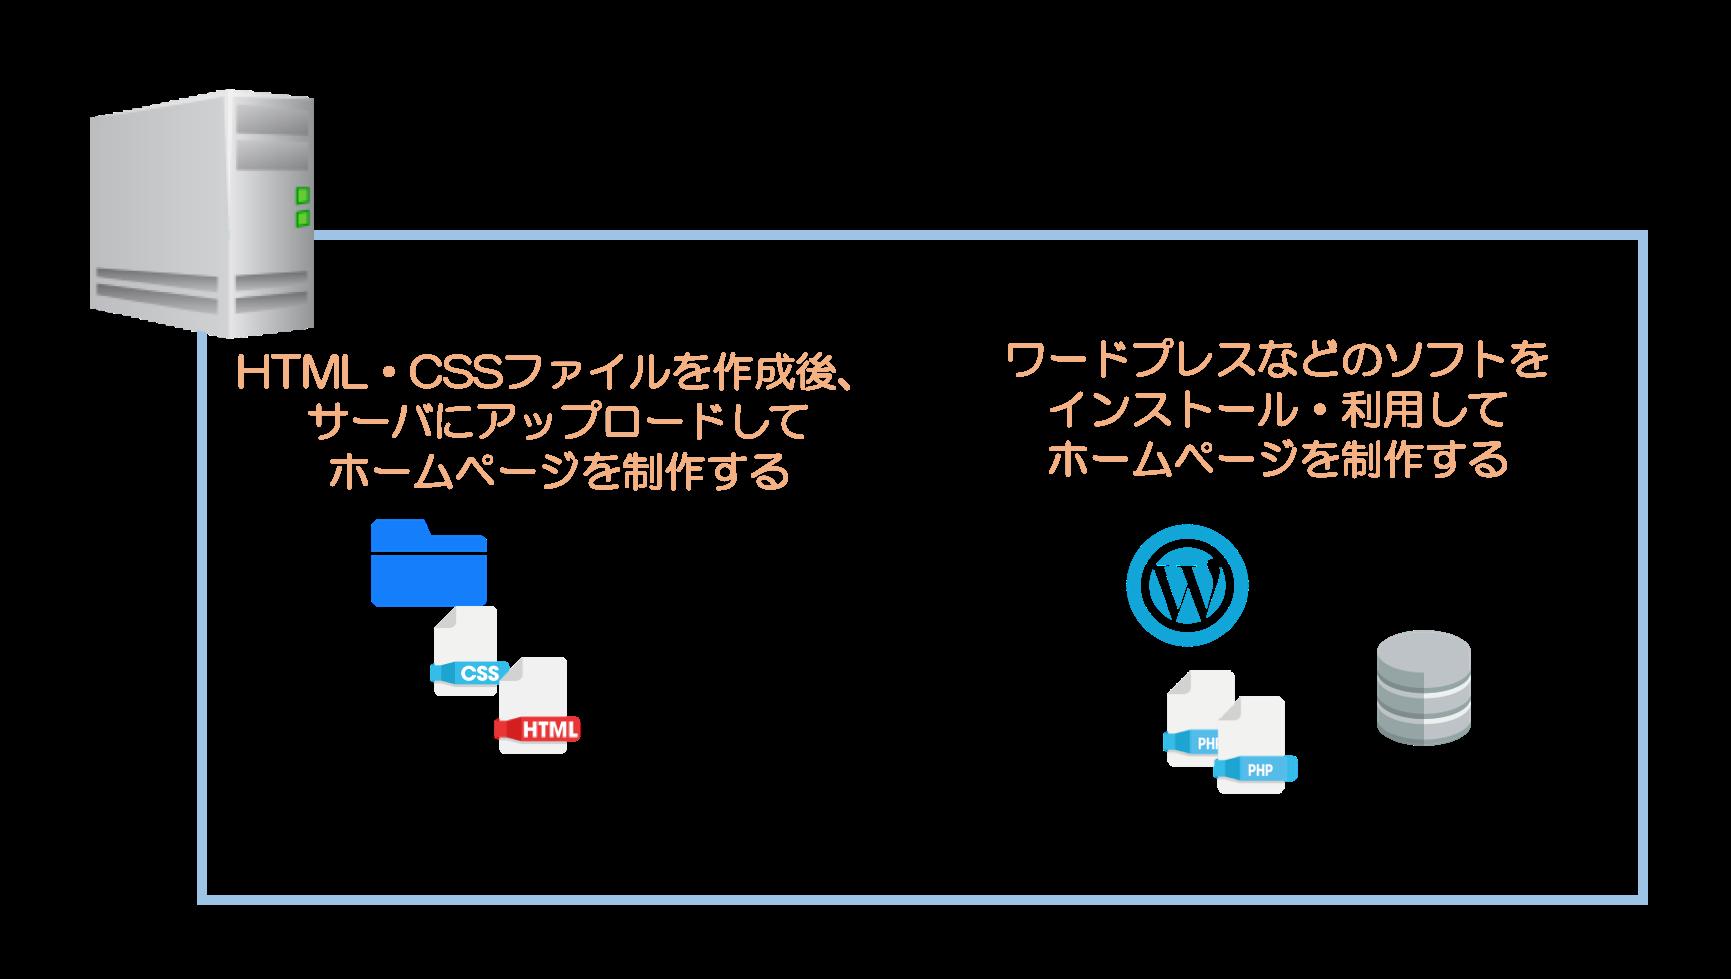 パターン1:HTML・CSSファイル等を自分で作成して構築する。パターン2:Wordpressのようなソフトウェアをつかって制作する